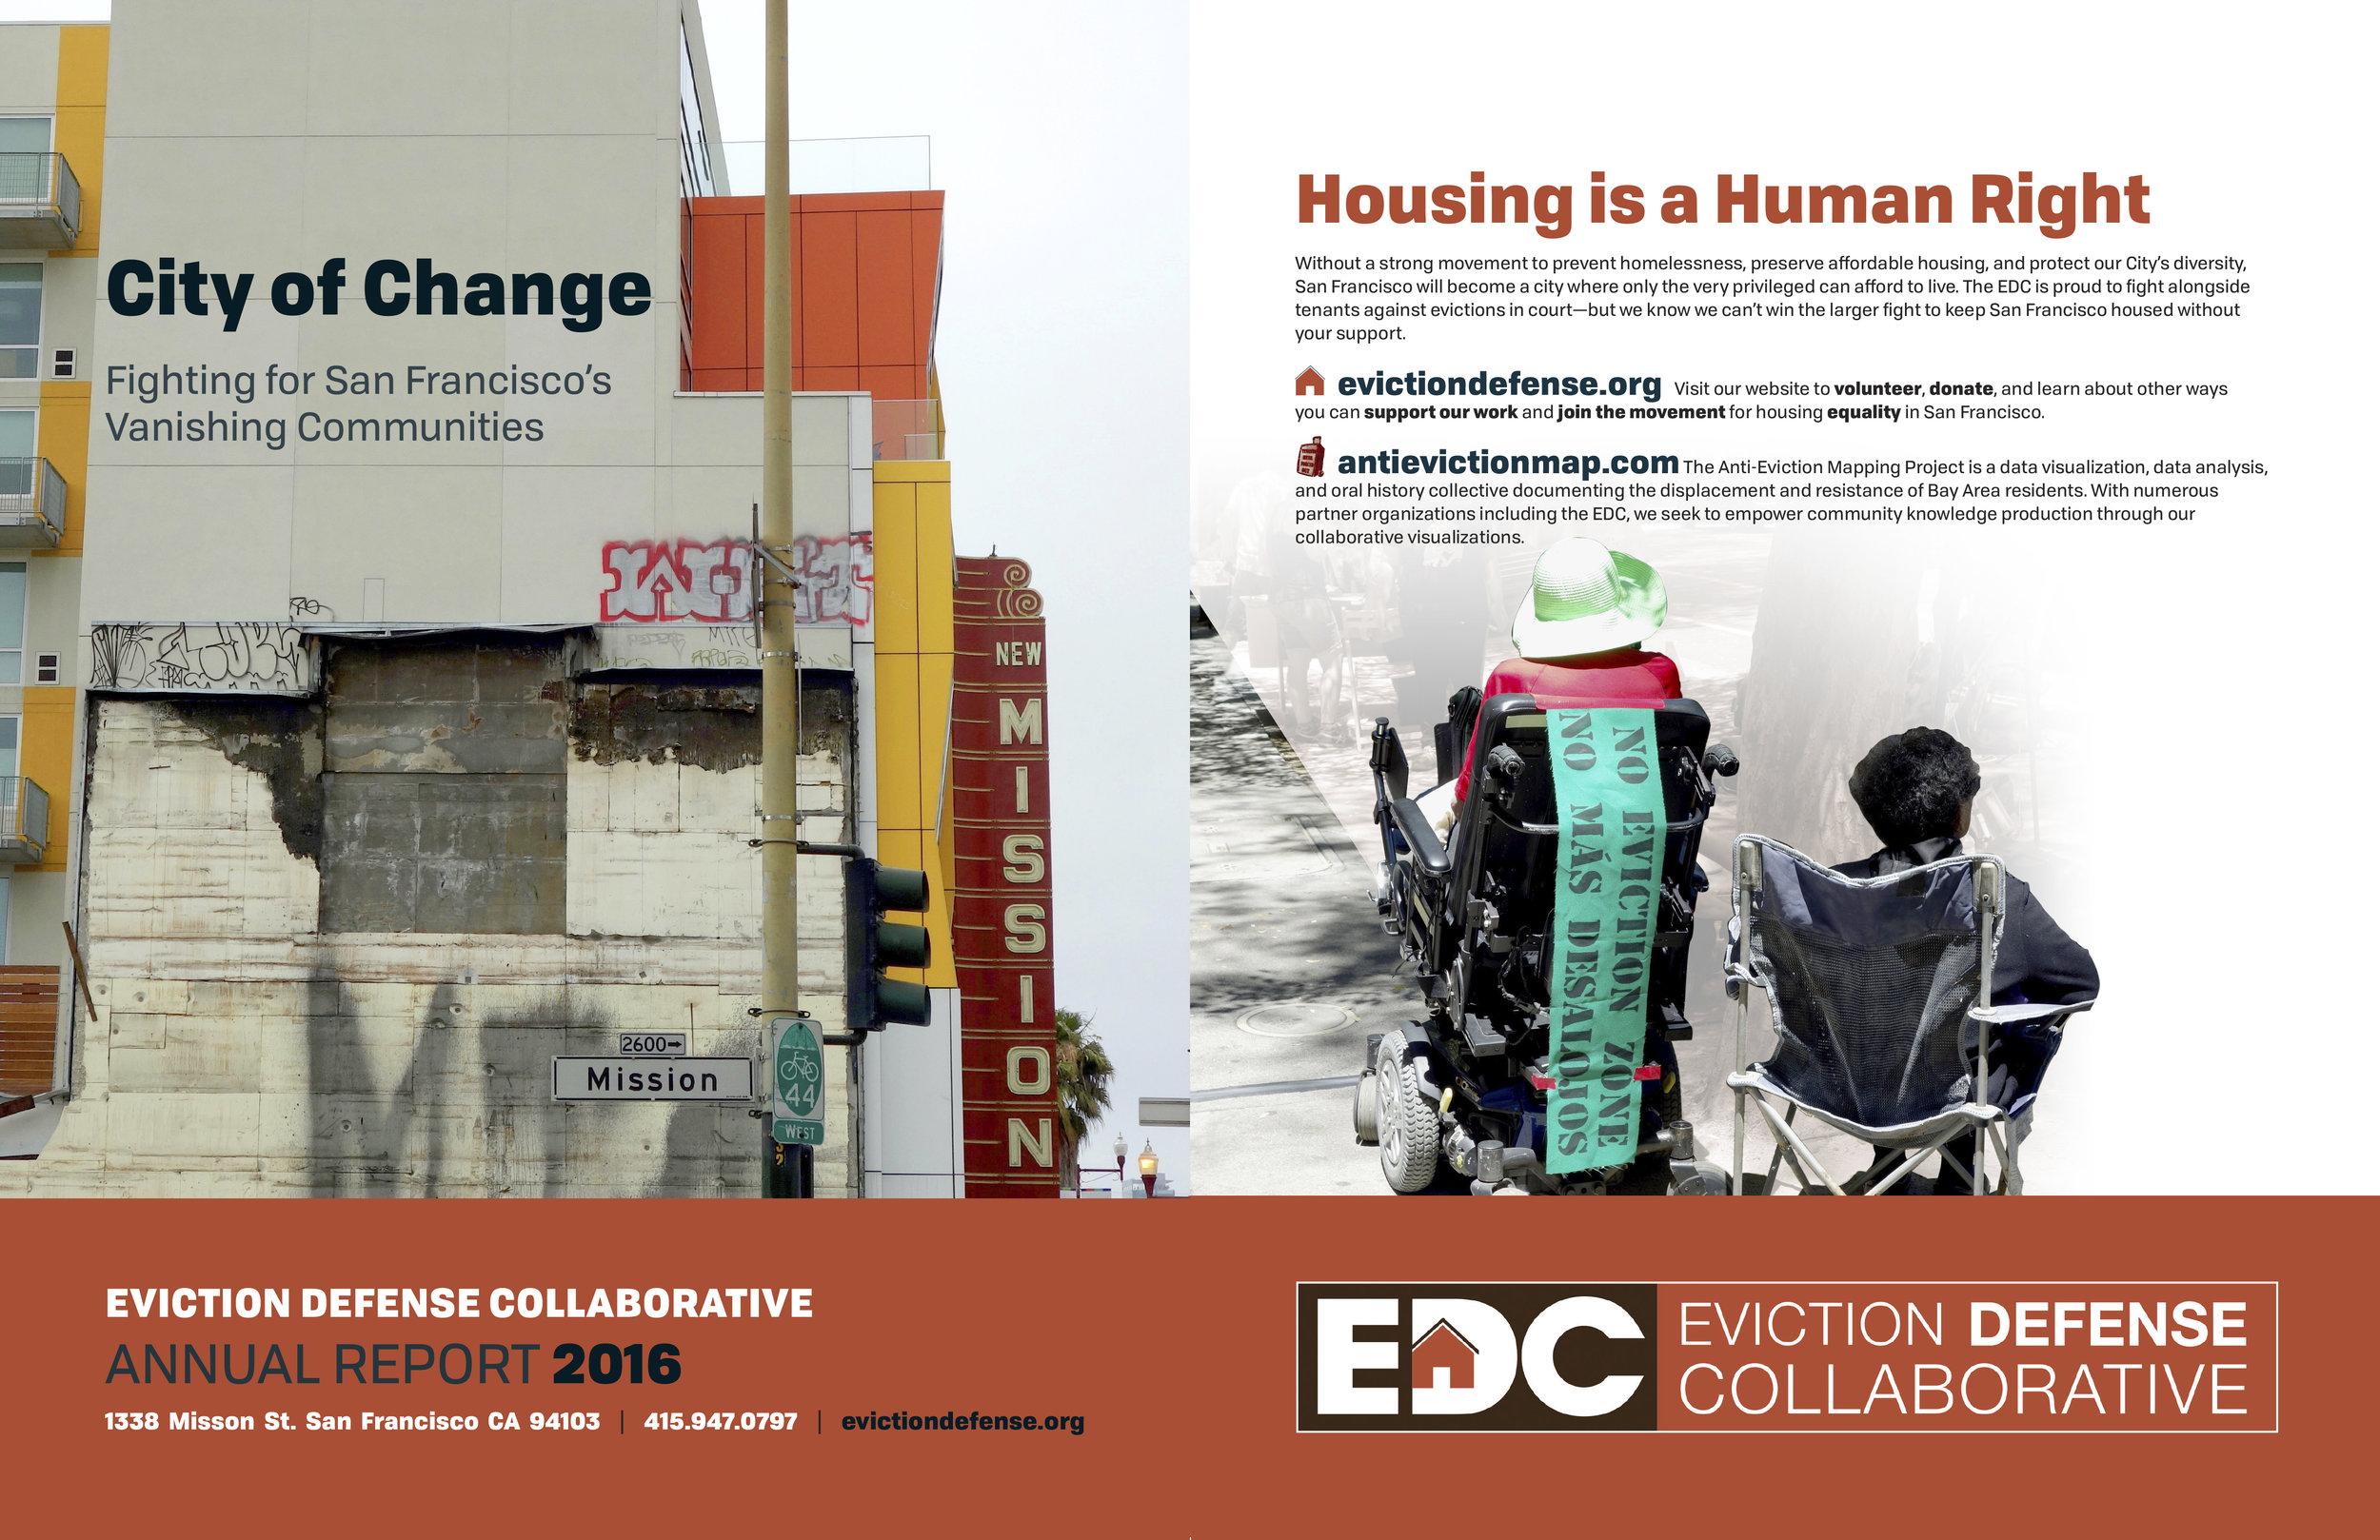 EDC_2016-AnnualReport_cover-back.jpg